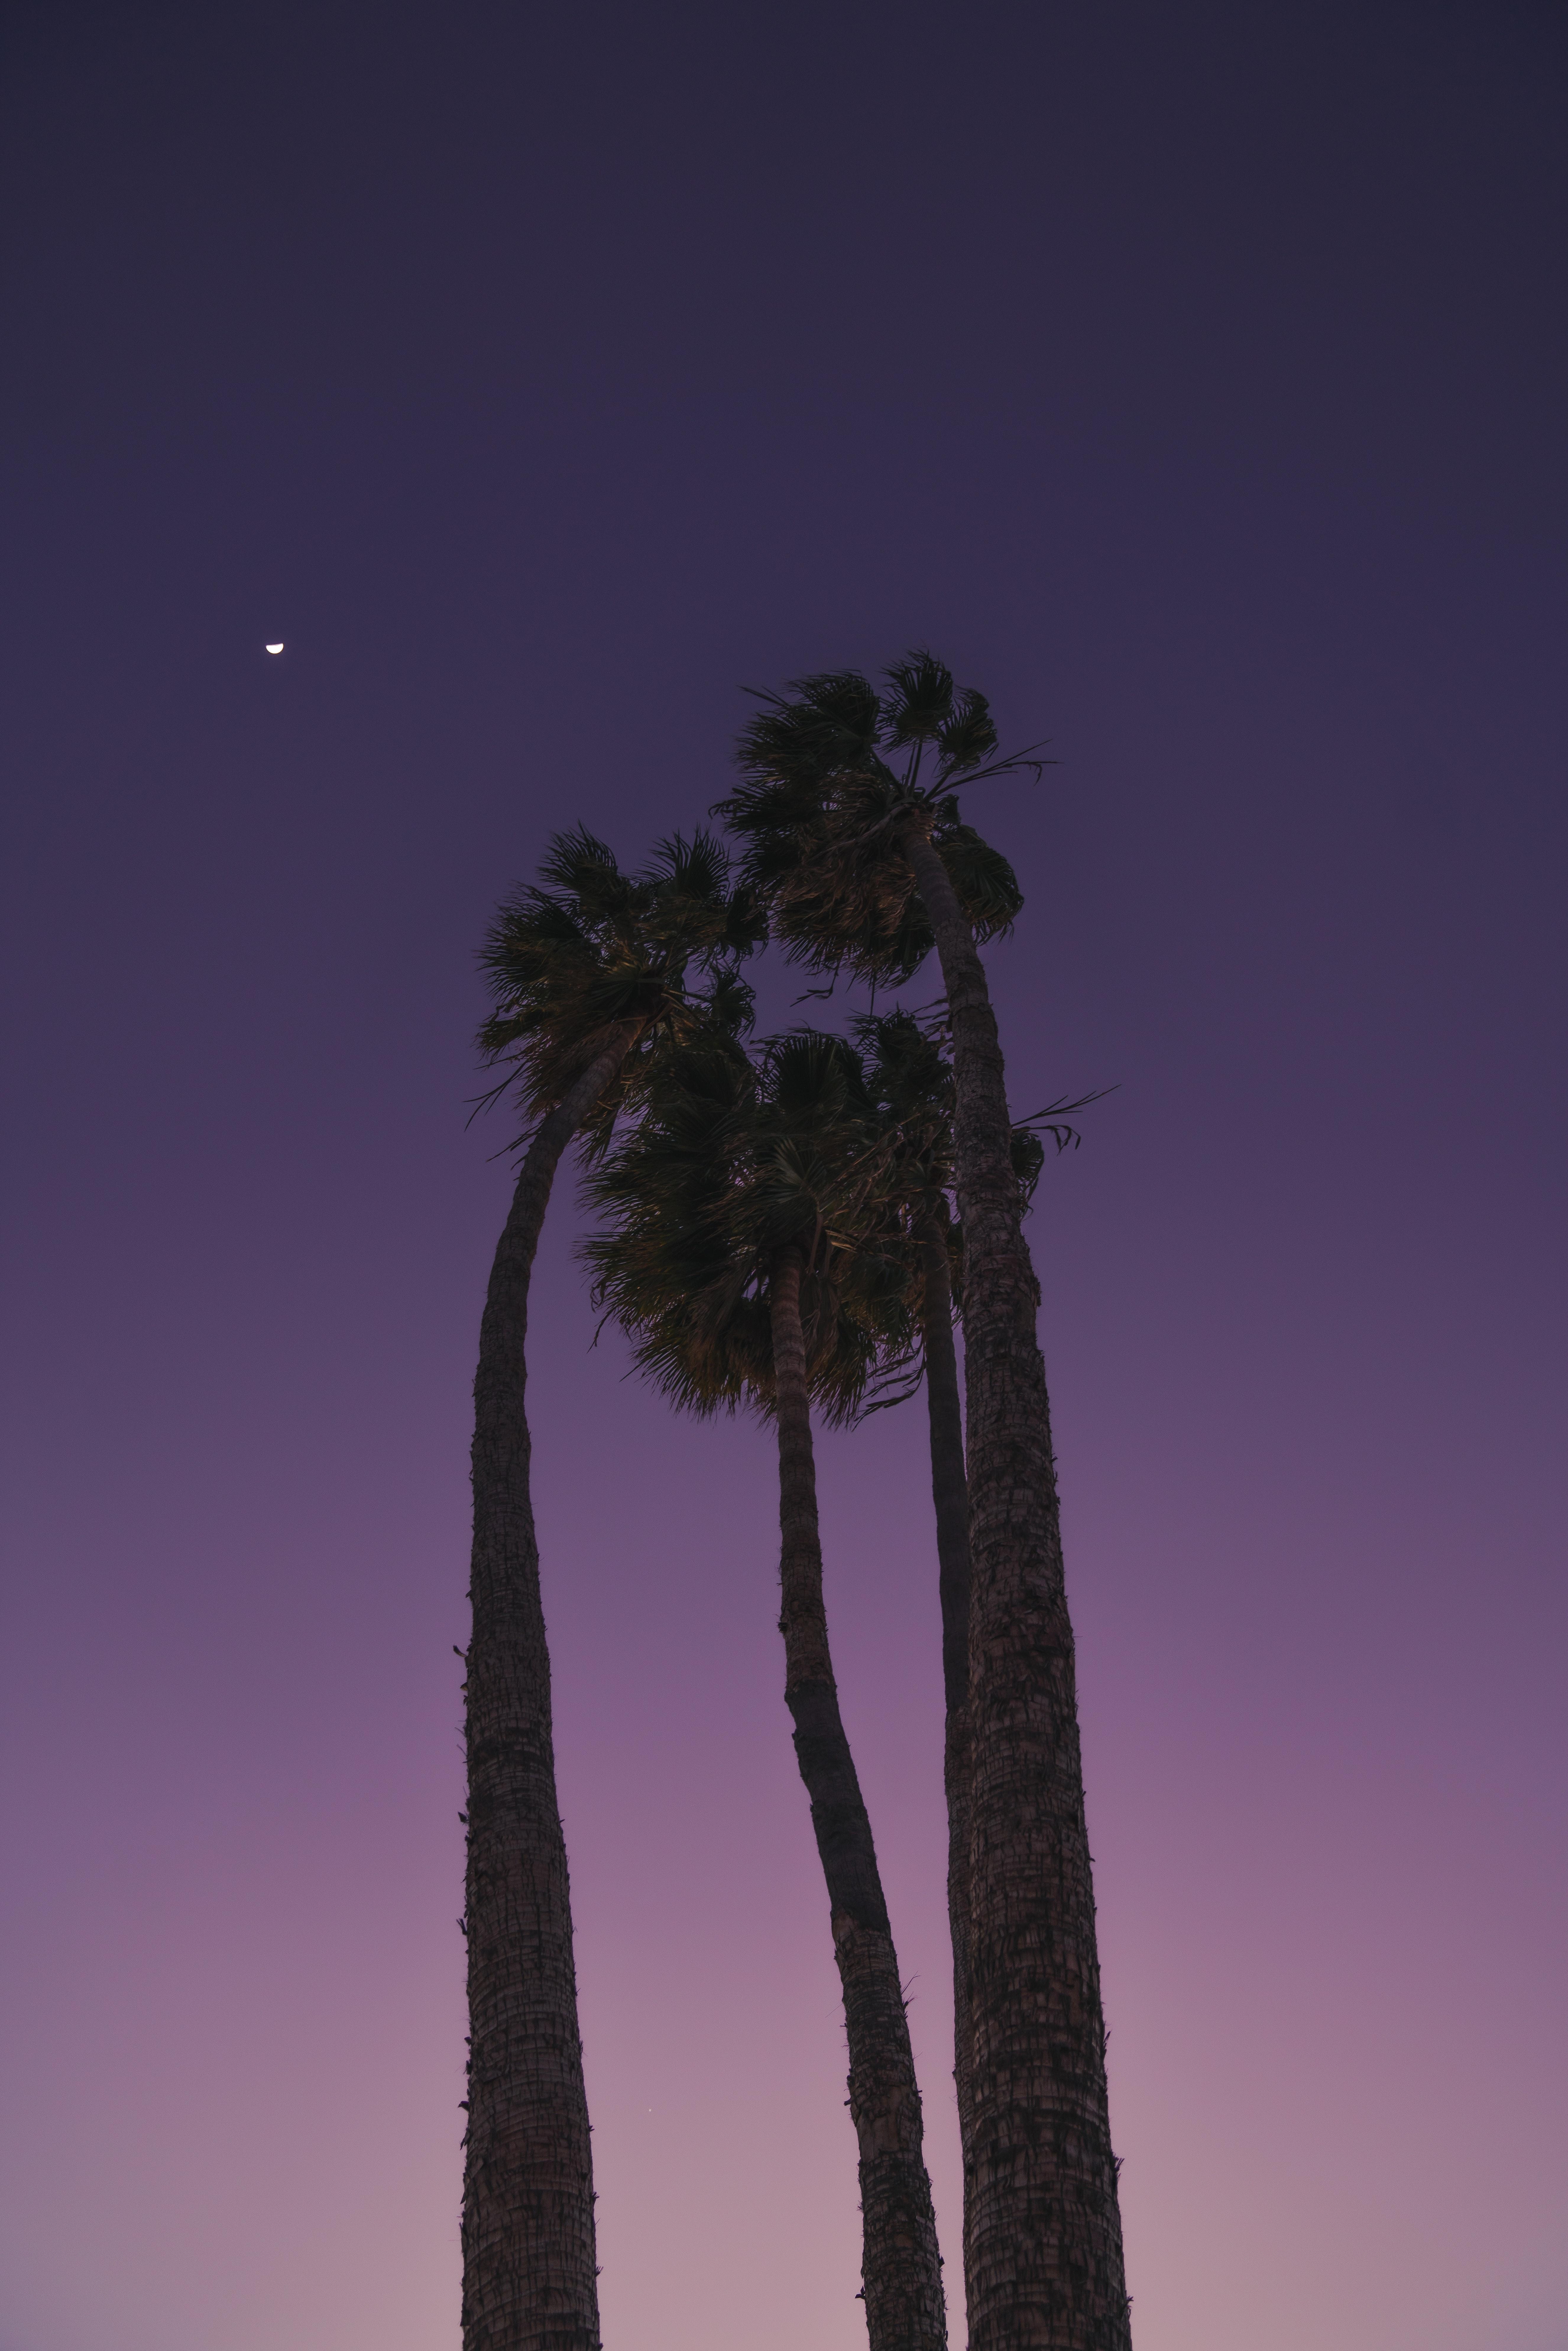 101674 免費下載壁紙 性质, 树, 底视图, 底部视图, 晚上, 月球, 棕榈 屏保和圖片